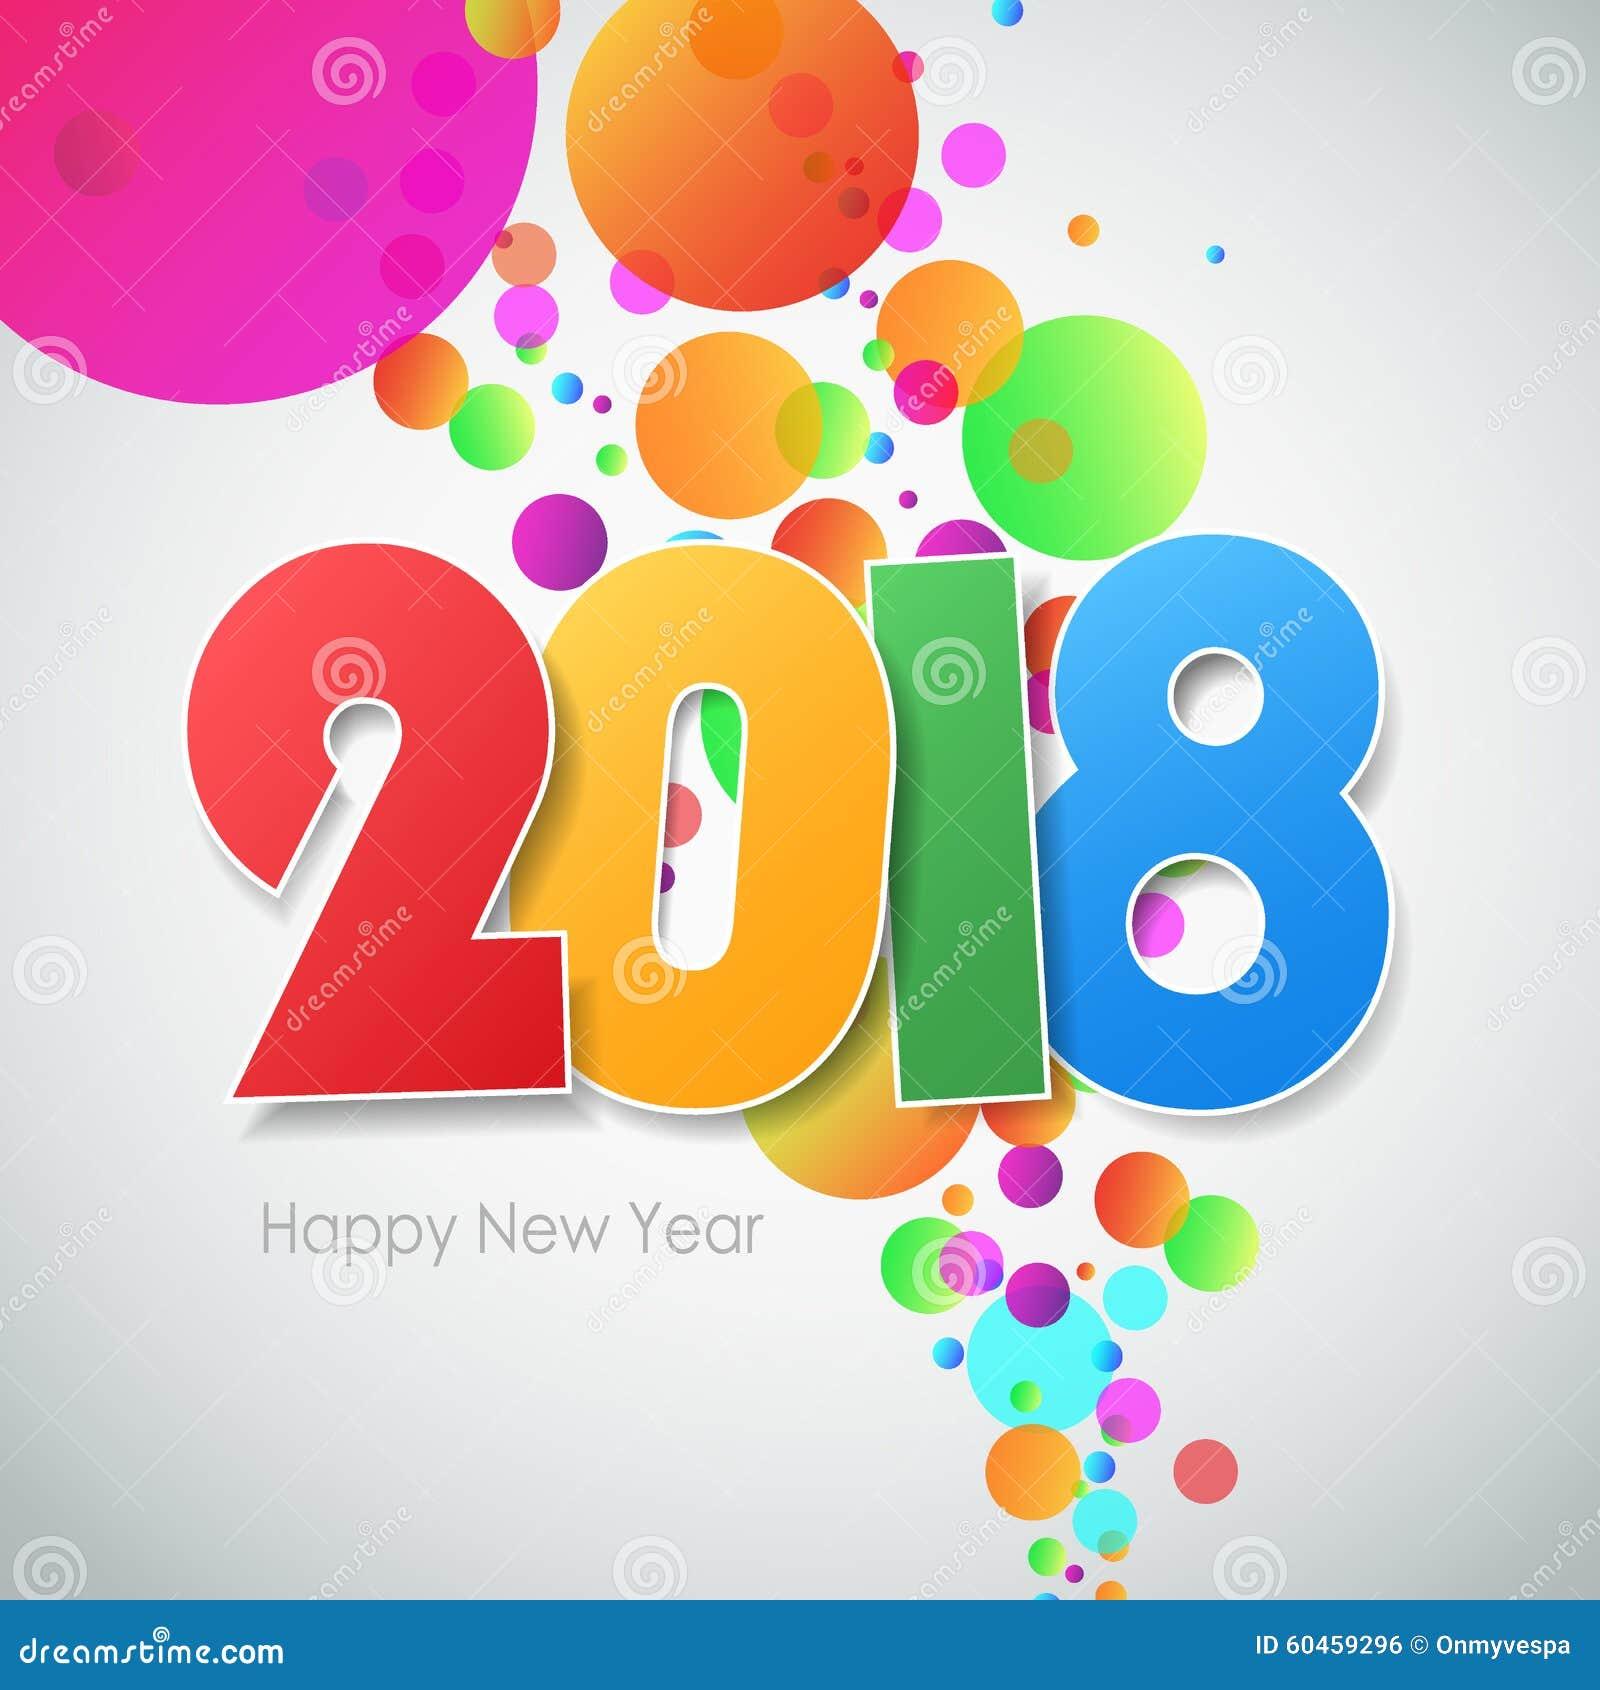 Cute Happy New Year Clock Image 2018 Clipart. At February , 2018. Carte De  Voeux 2018 De Bonne Année Illustration De Vecteur   Image: 60459296